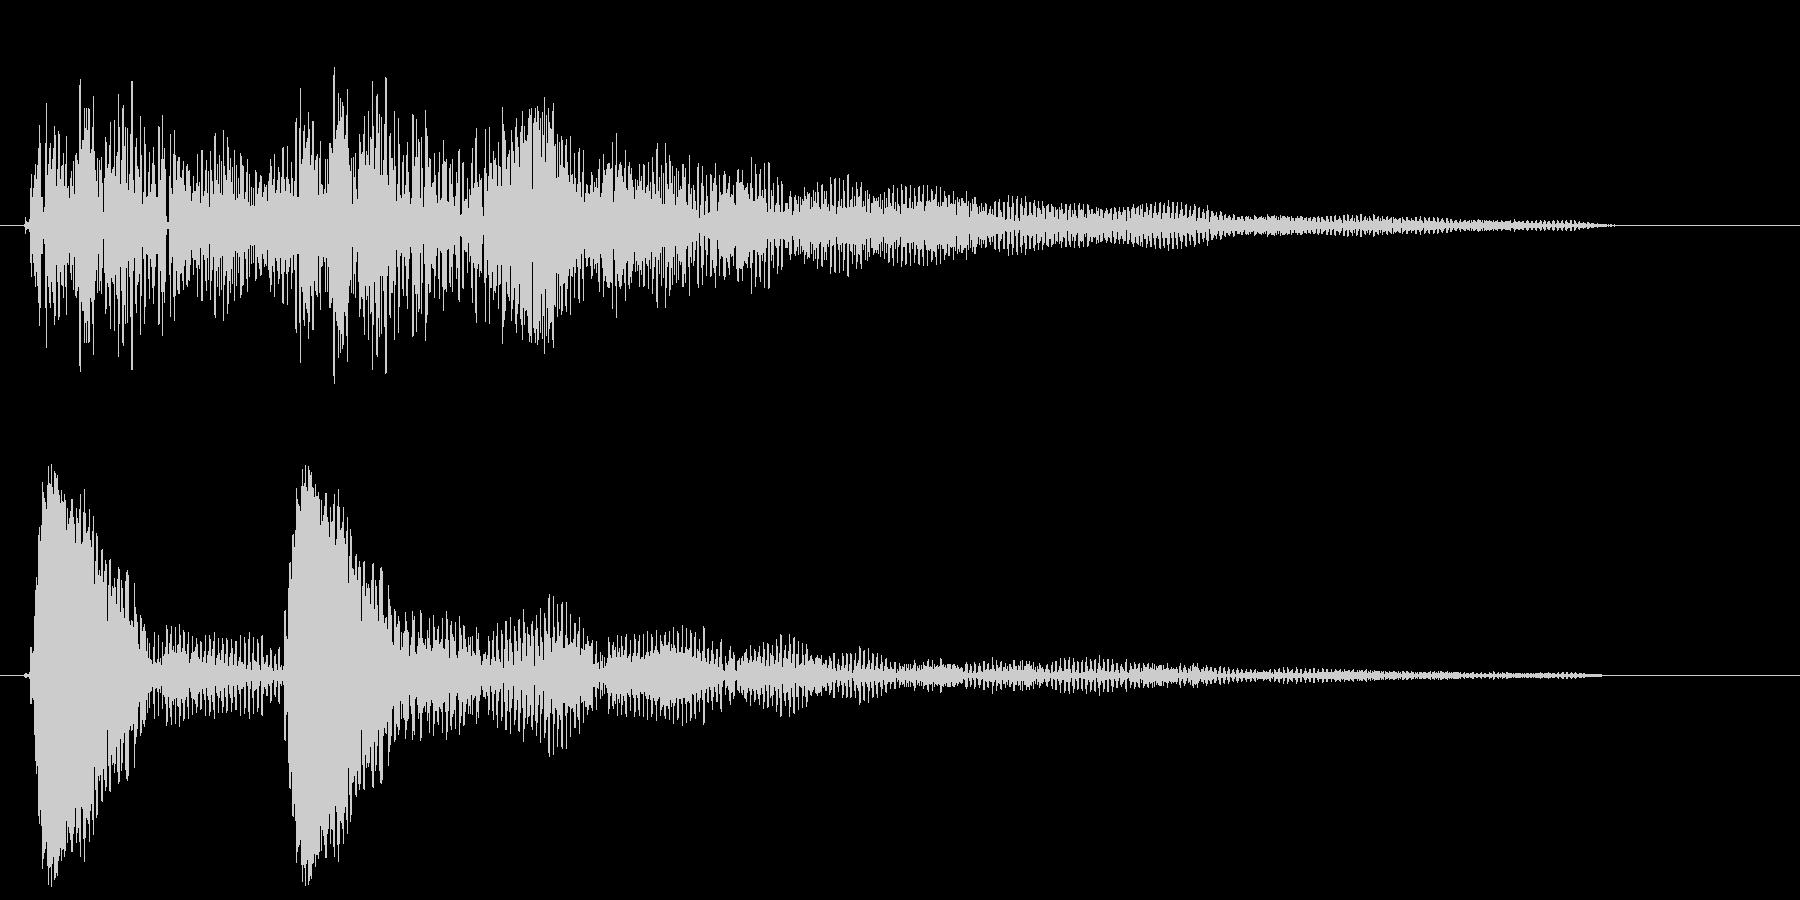 ポッポ〜ン(システム音)の未再生の波形